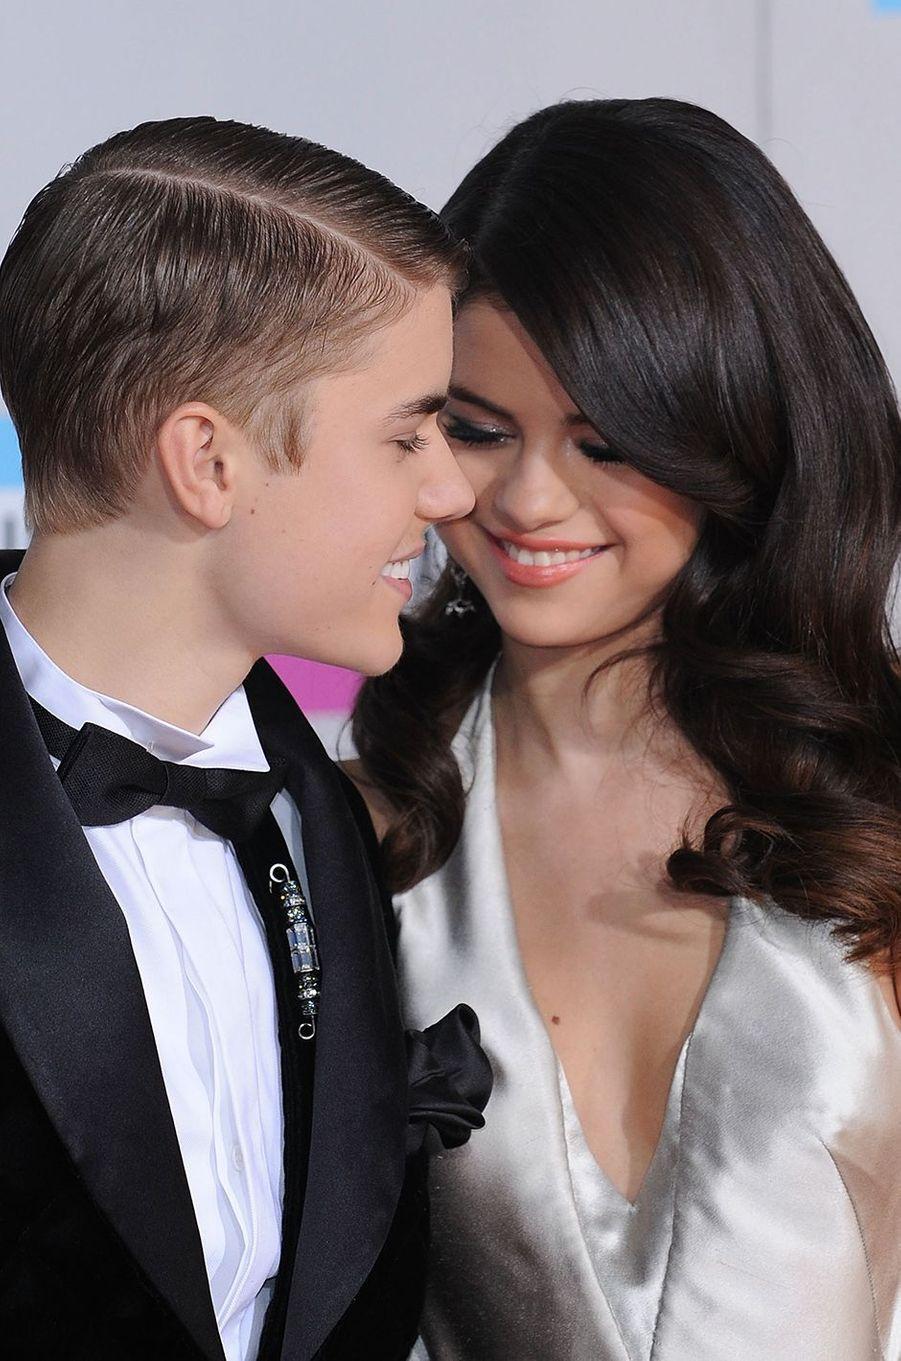 Justin Bieber et Selena Gomez aux AMA's 2011.